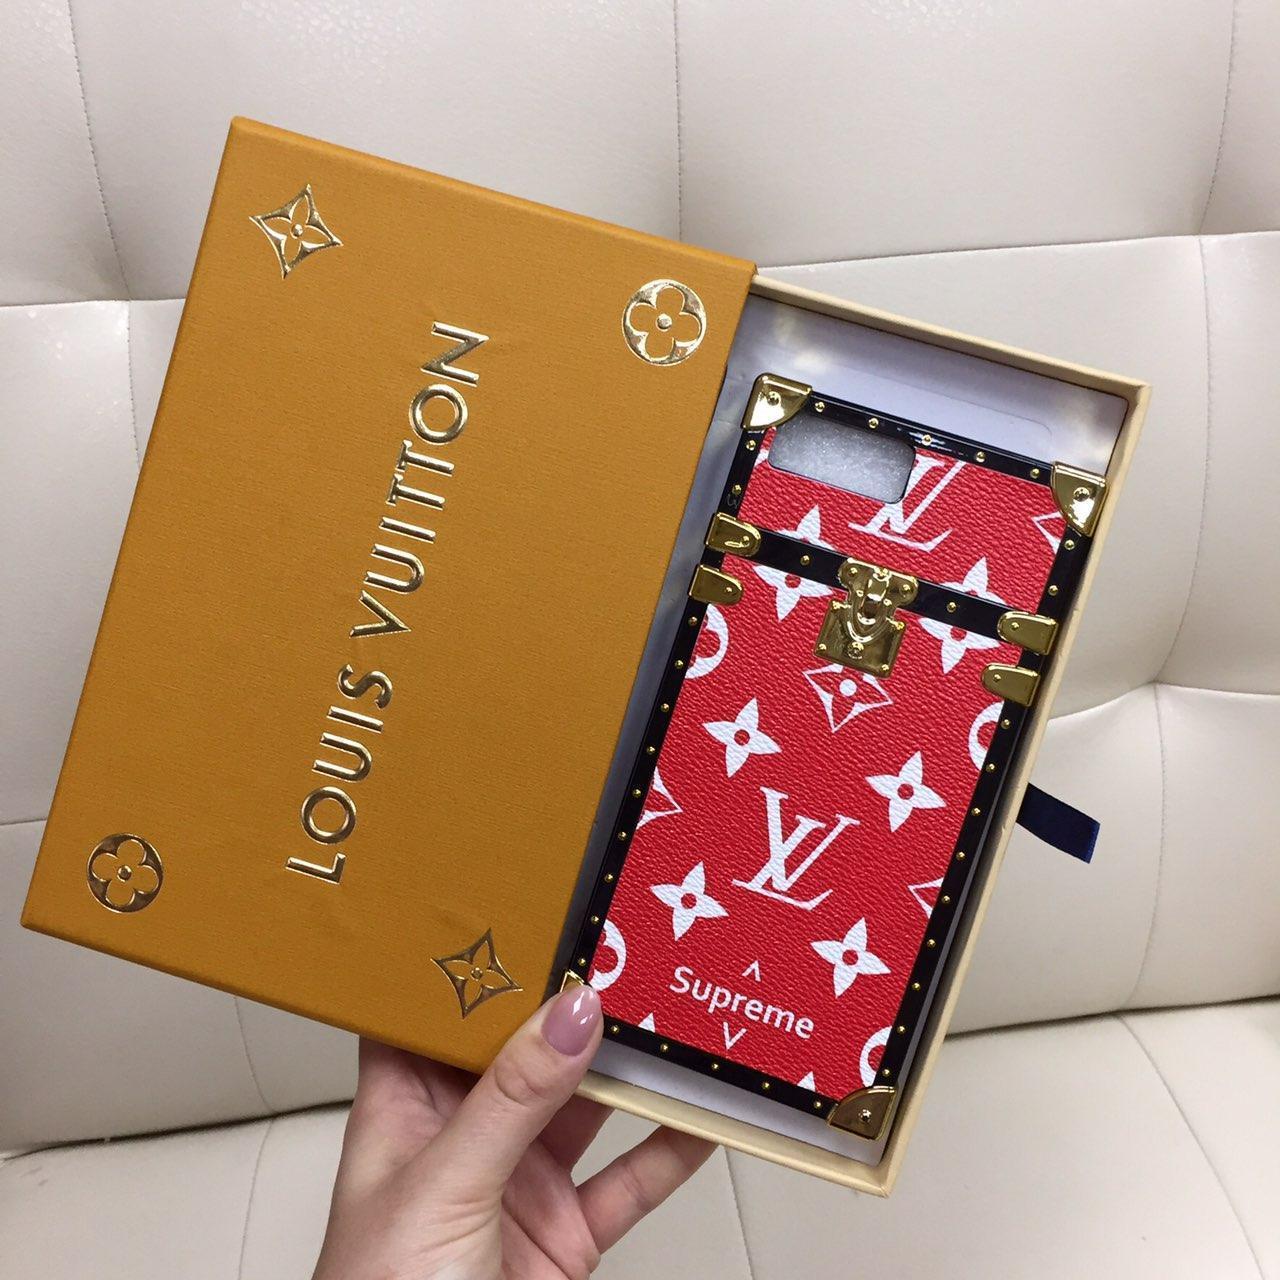 Чехол для iPhone 8 Plus (8+) Louis Vuitton бампер силикон кожа красная классика